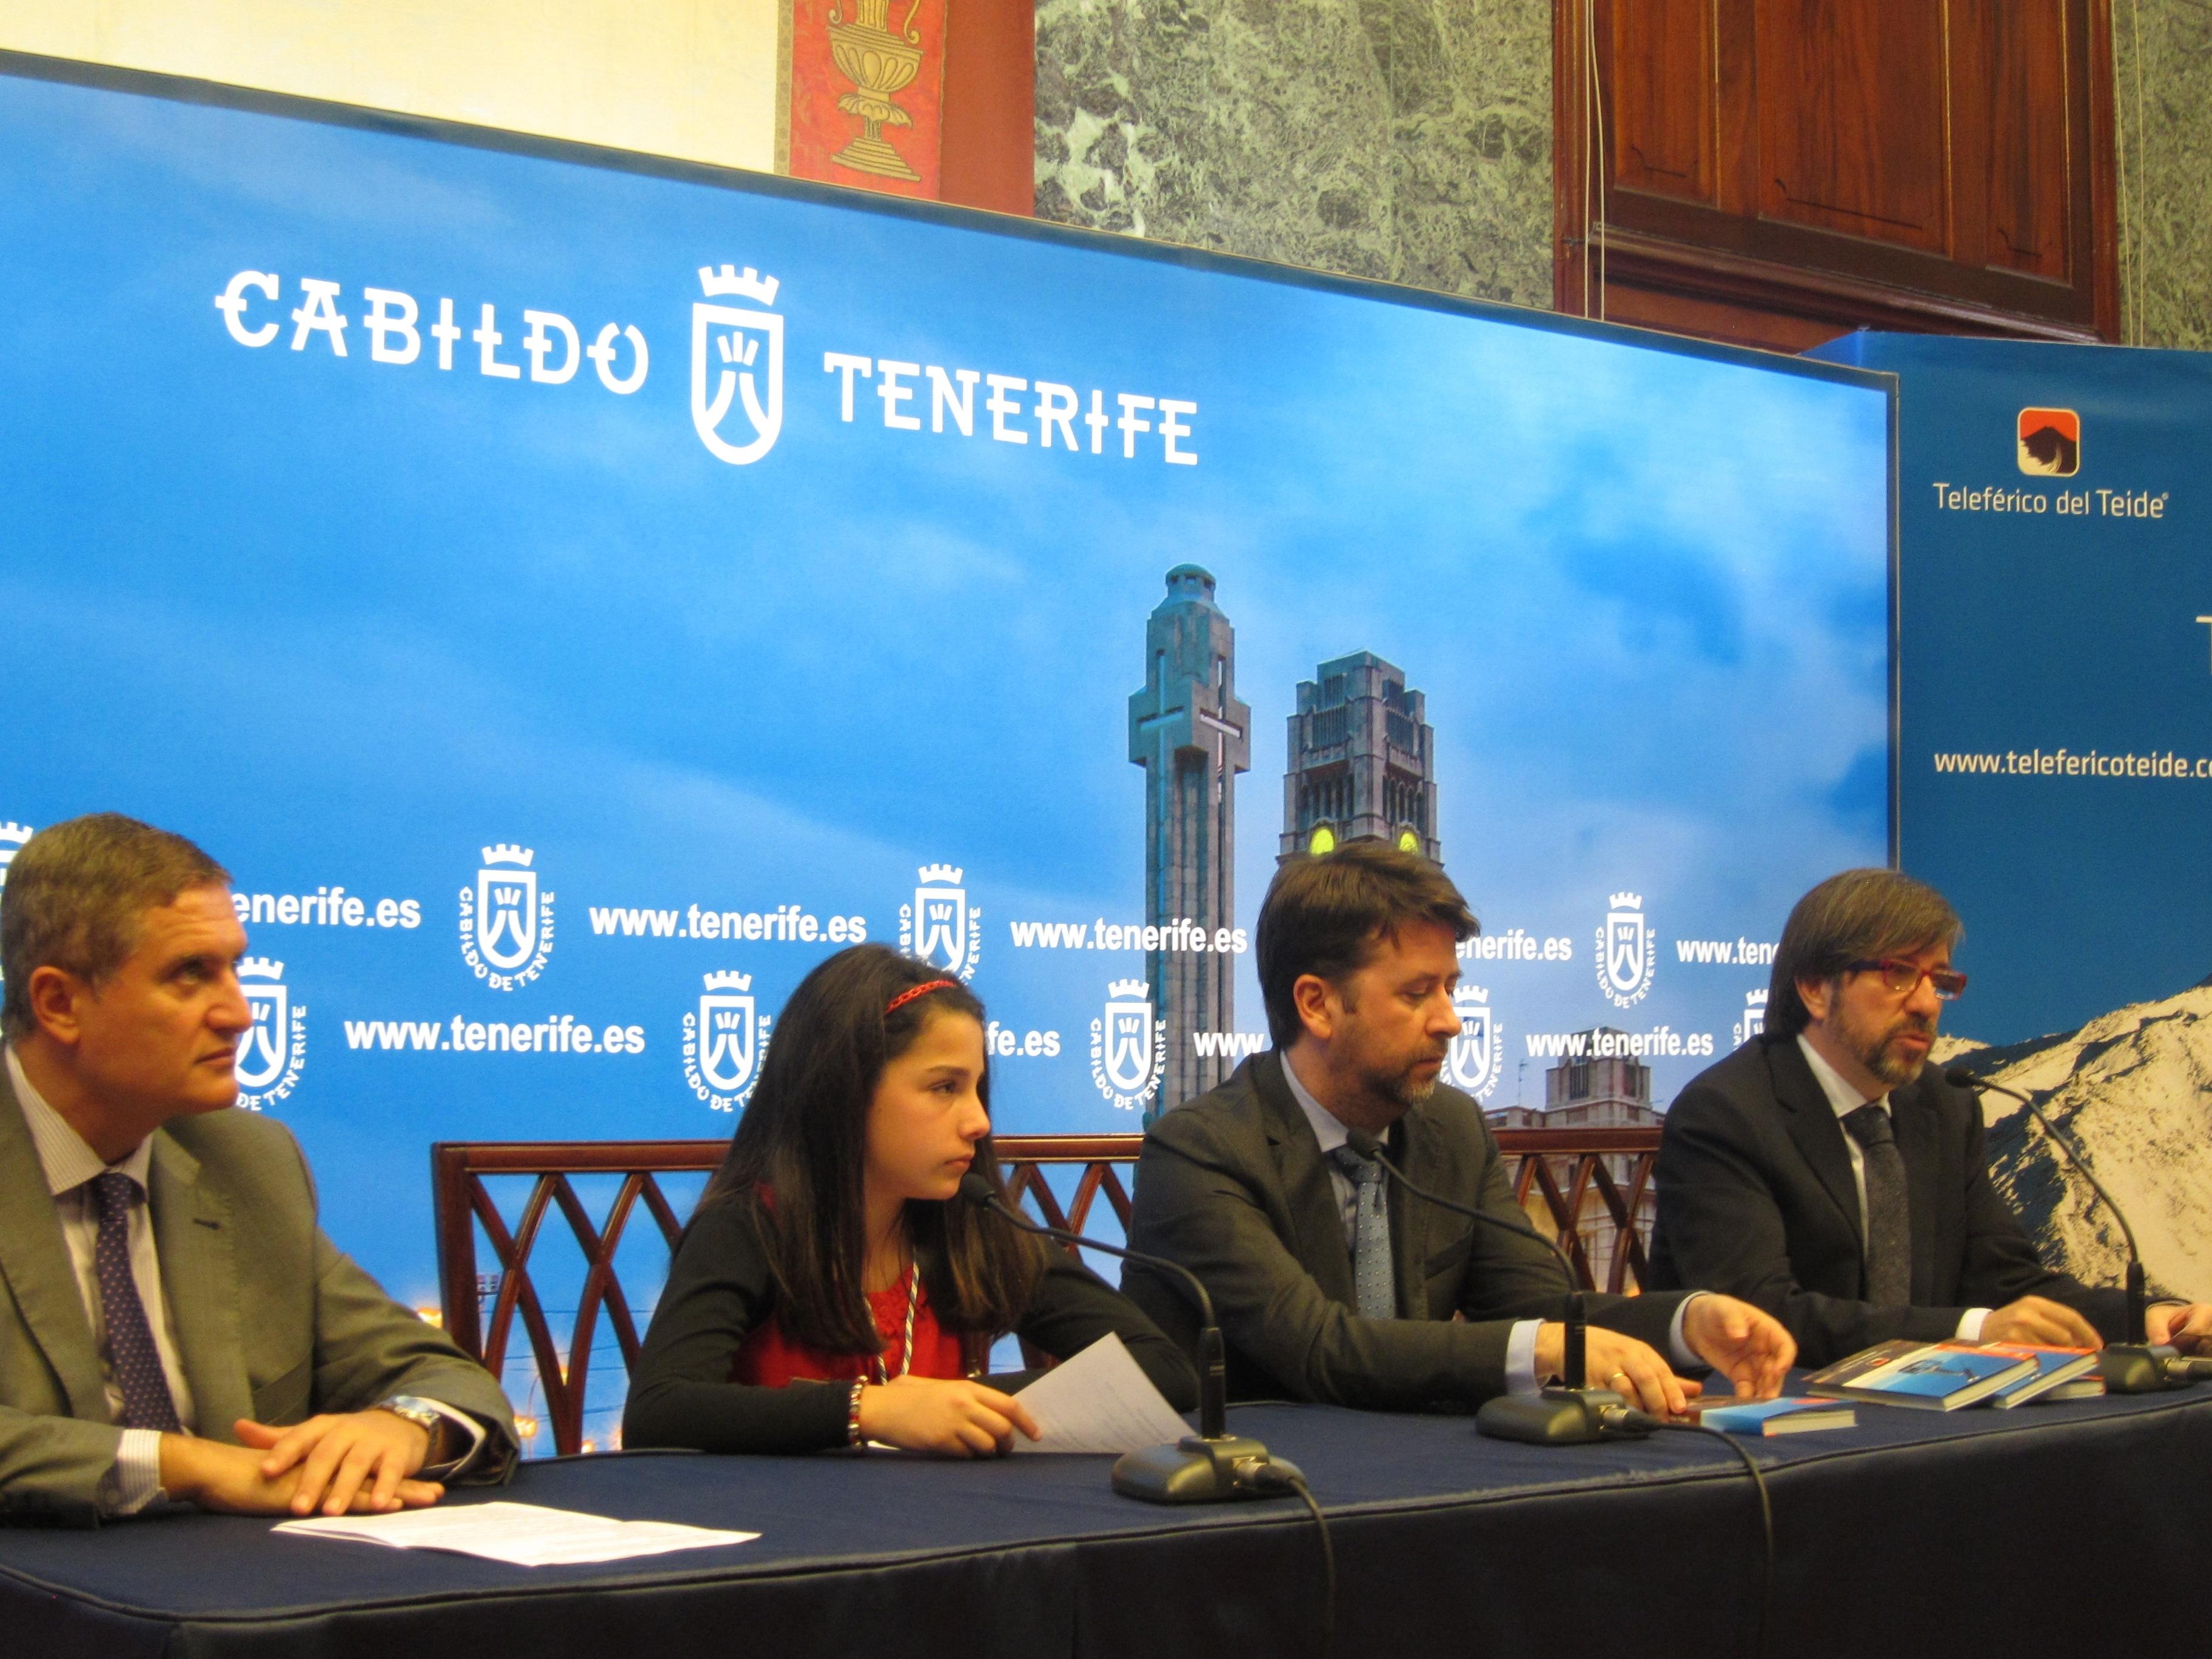 El Cabildo de Tenerife edita una guía integral de ascenso al Teide